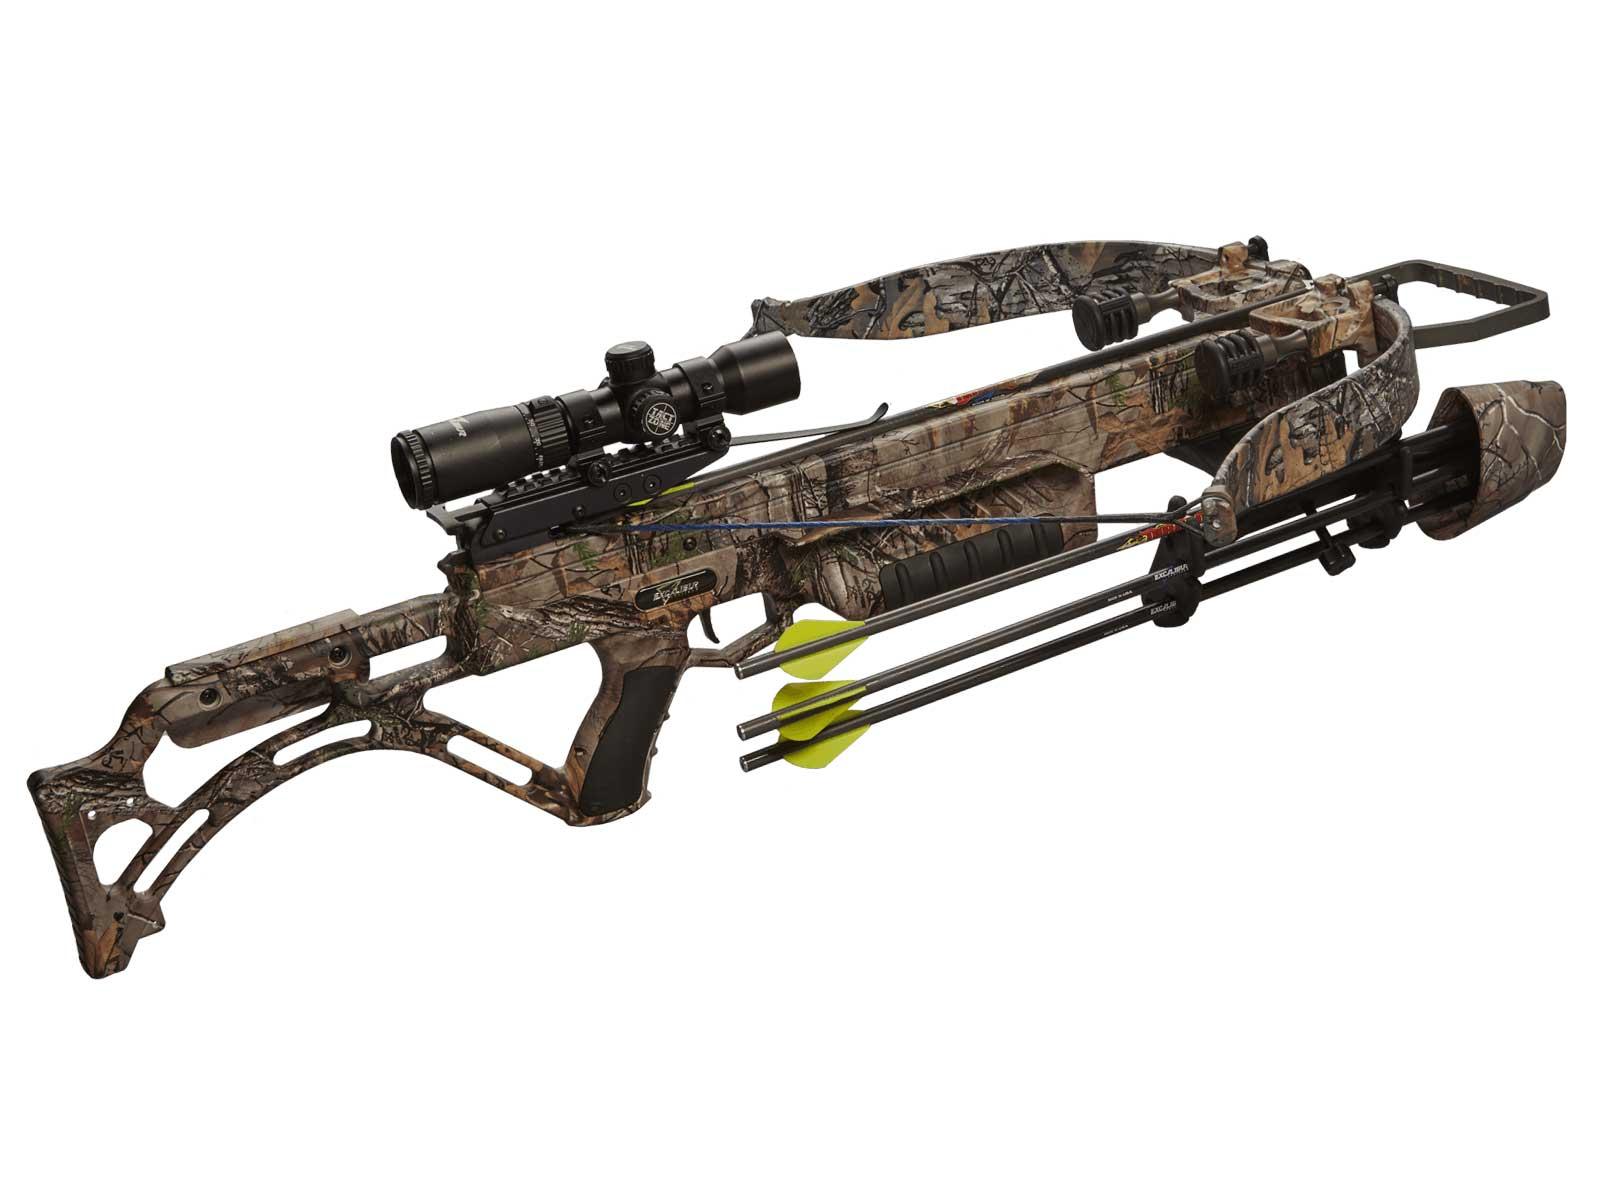 Купить арбалет Excalibur Matrix Bulldog 400, арт. 4400 по низкой цене